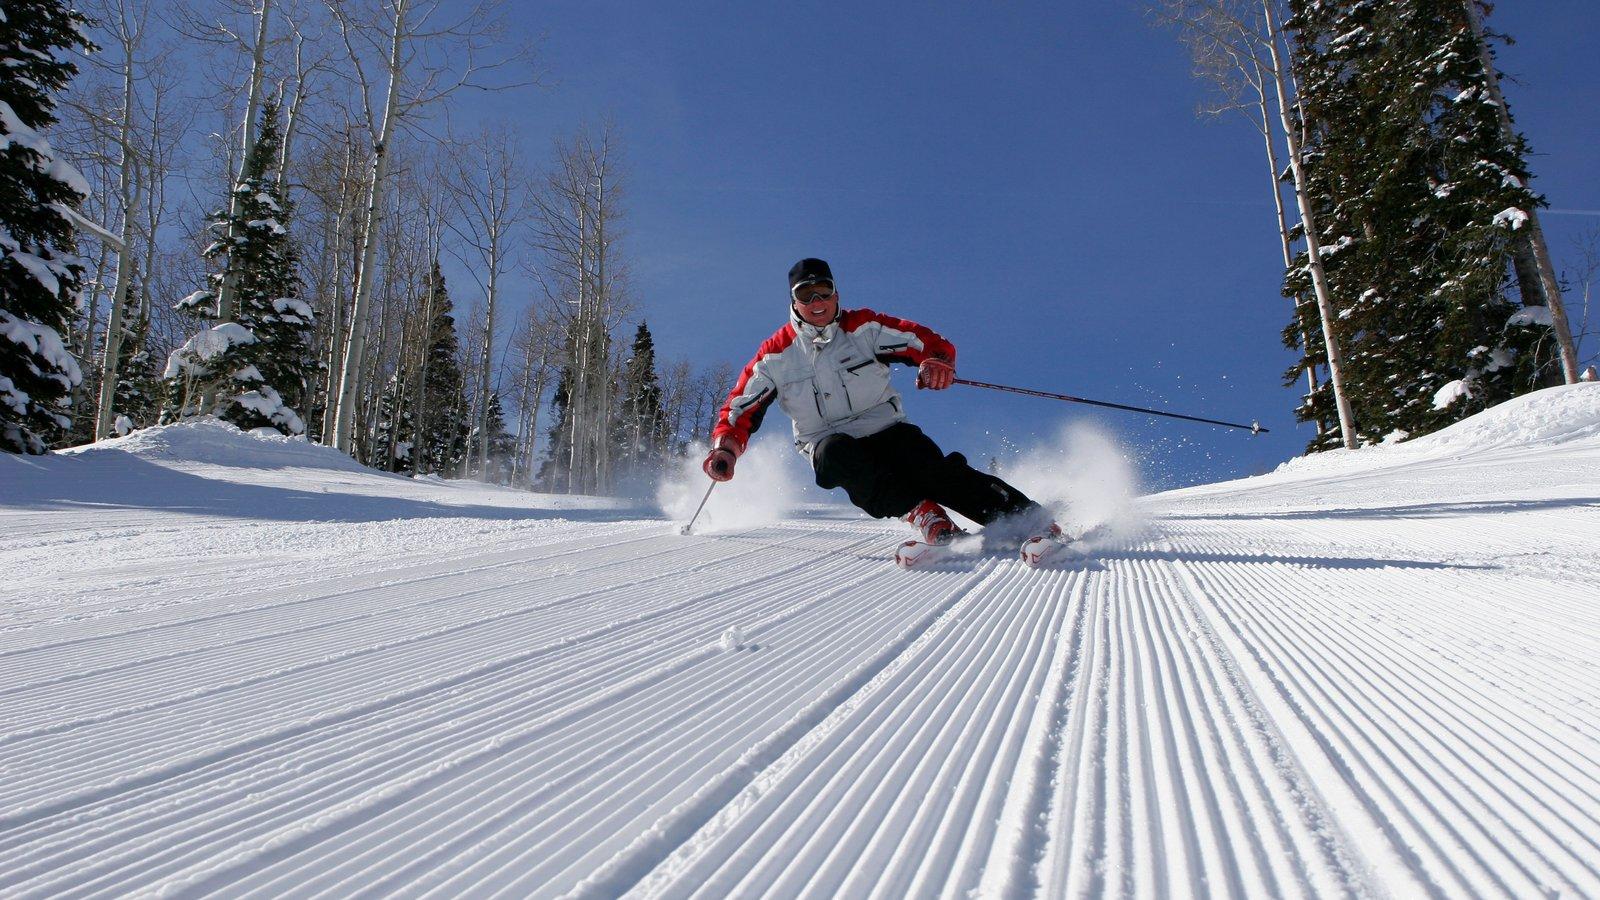 Park City Mountain Resort que inclui esqui na neve, montanhas e um jardim